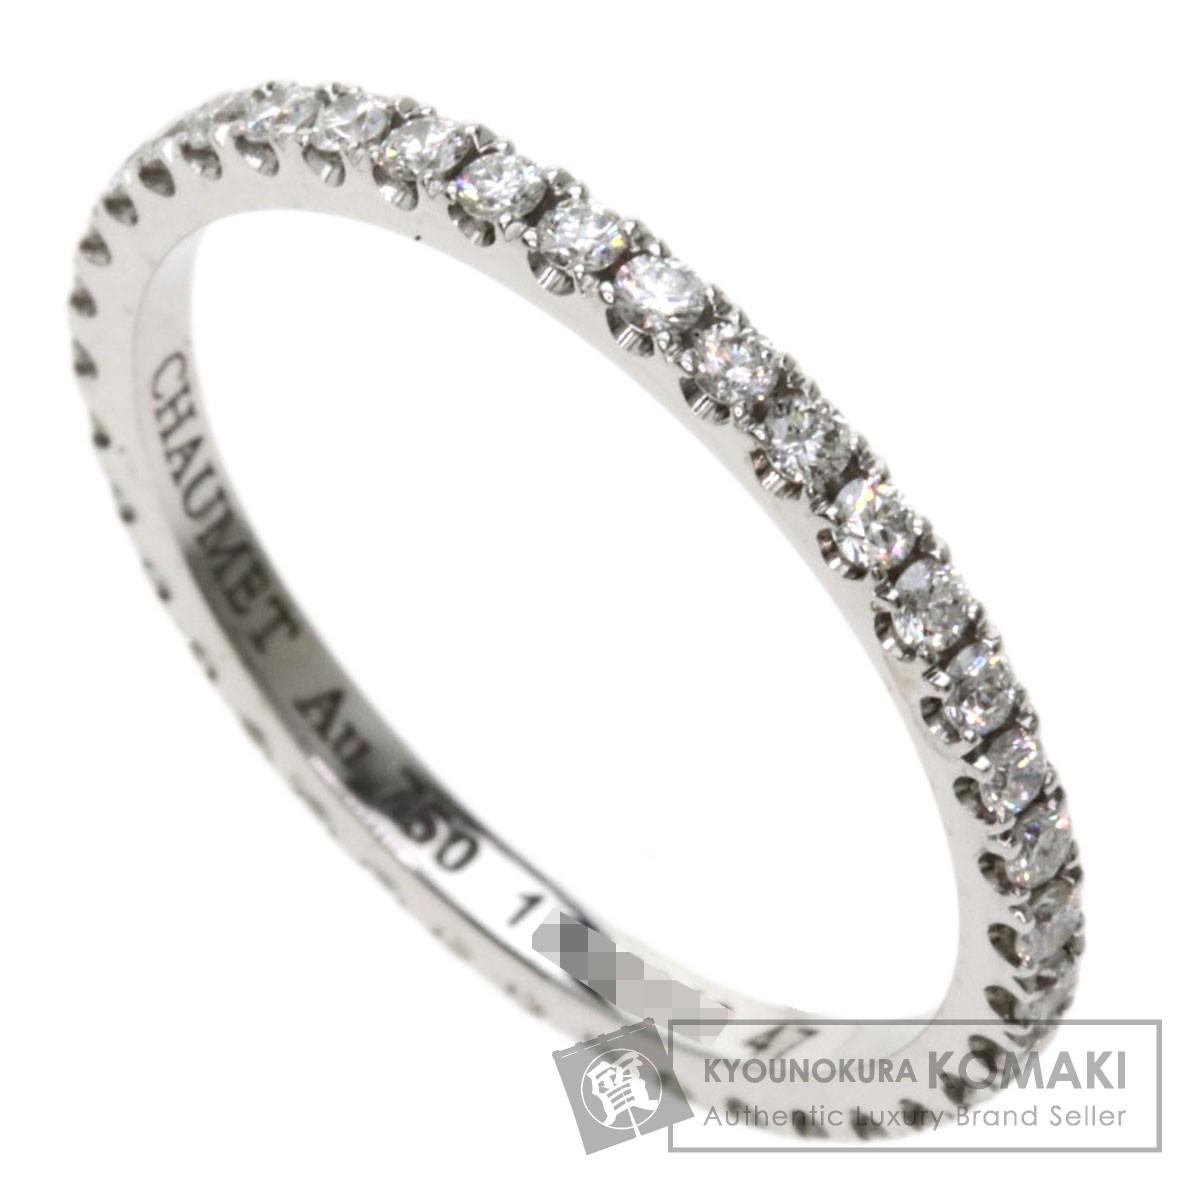 ショーメ エタニティ ダイヤモンド #47 リング・指輪 K18ホワイトゴールド レディース 【中古】【Chaumet】